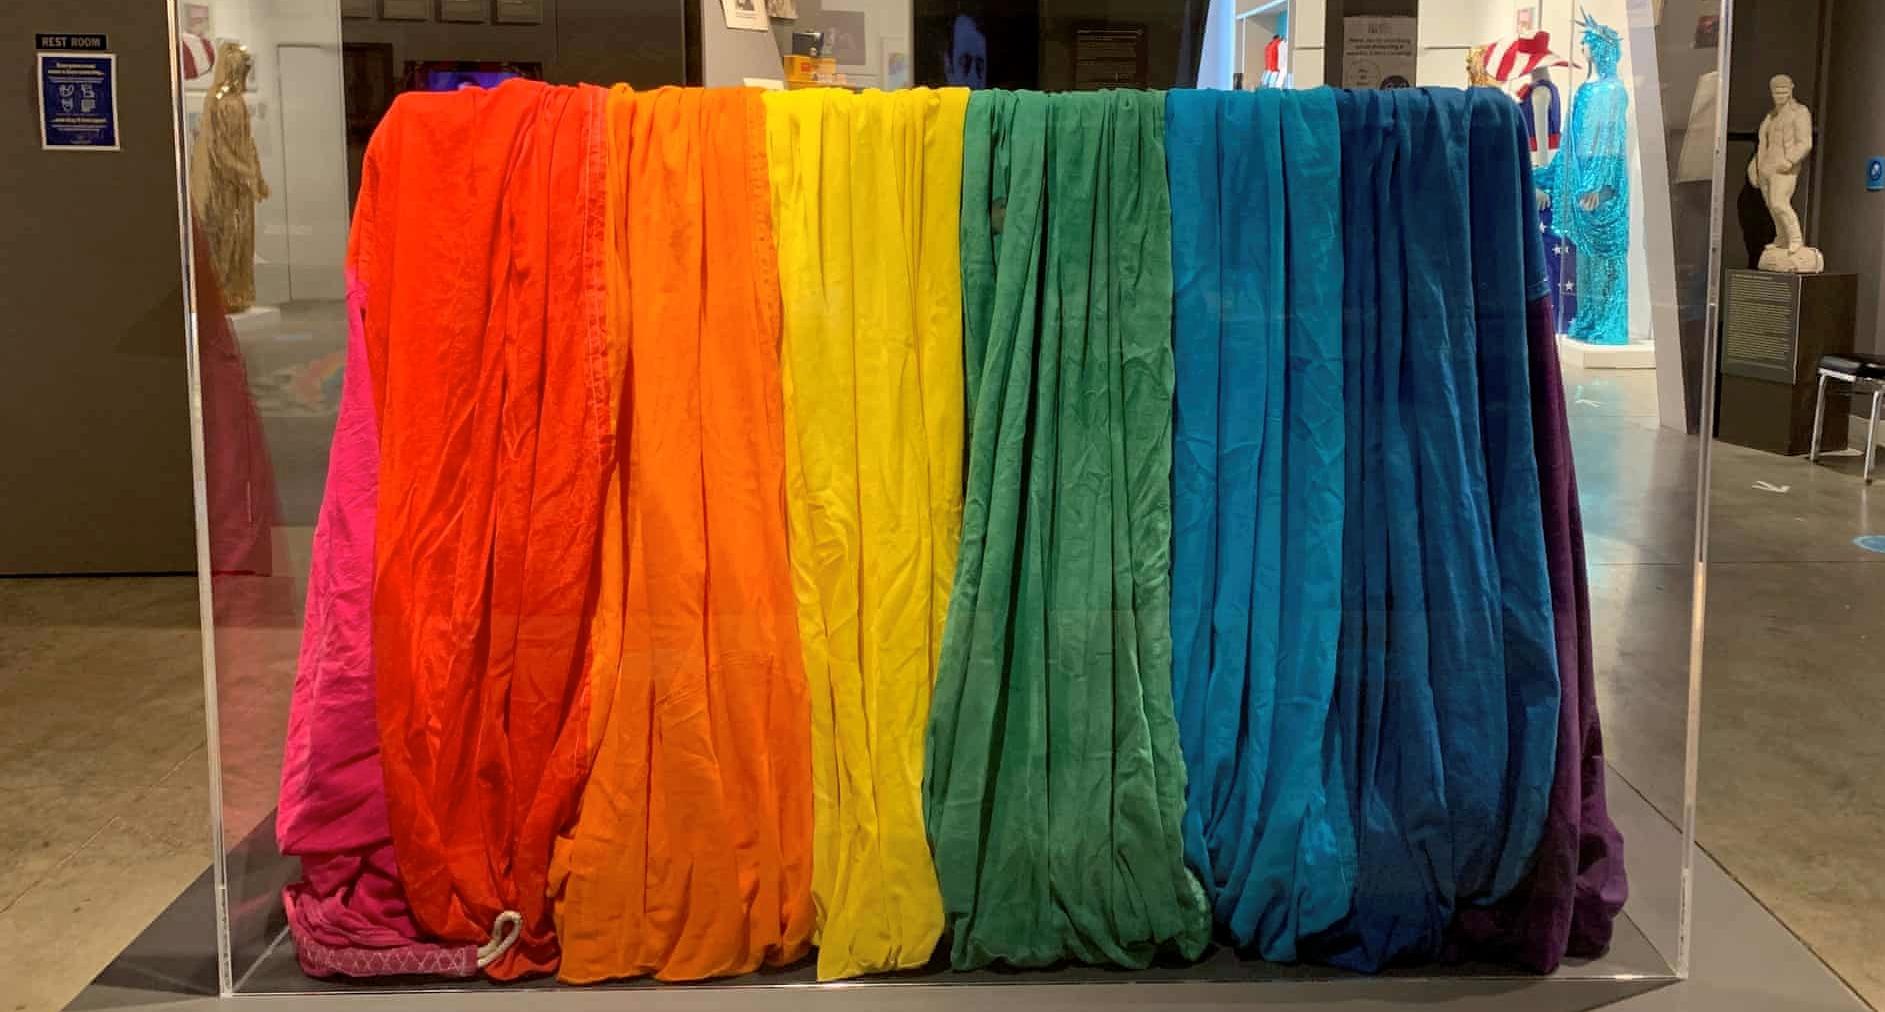 Arcobaleno da museo. Torna a San Francisco la bandiera originale creata da Gilbert Baker